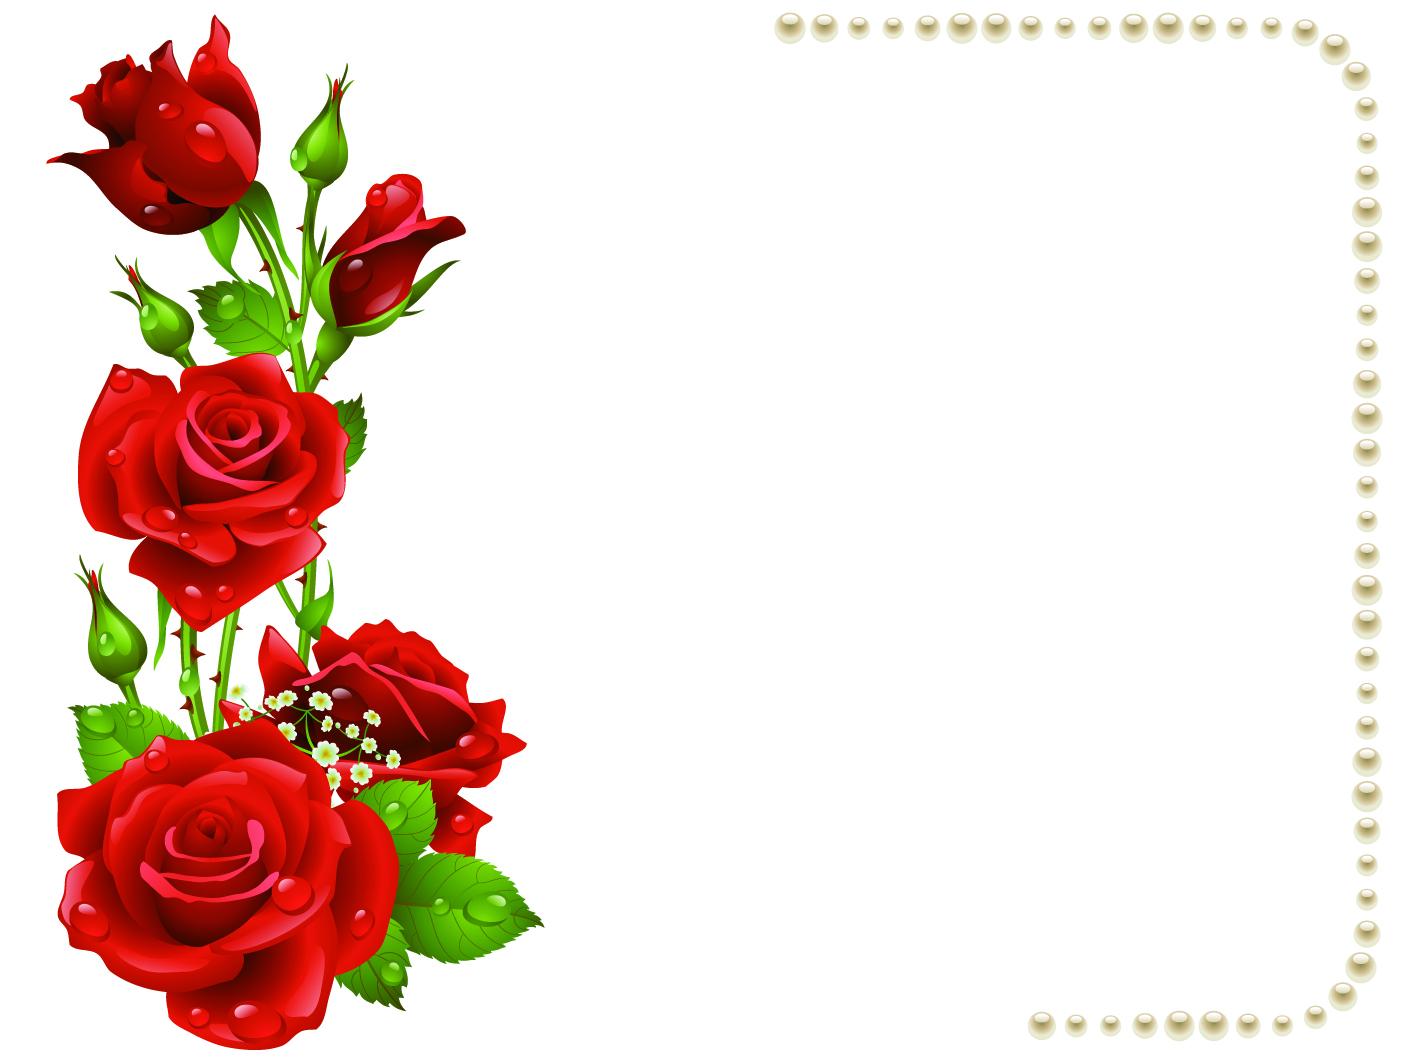 Biglietto Auguri Matrimonio Elegante : Biglietto auguri da stampare semplice ed elegante